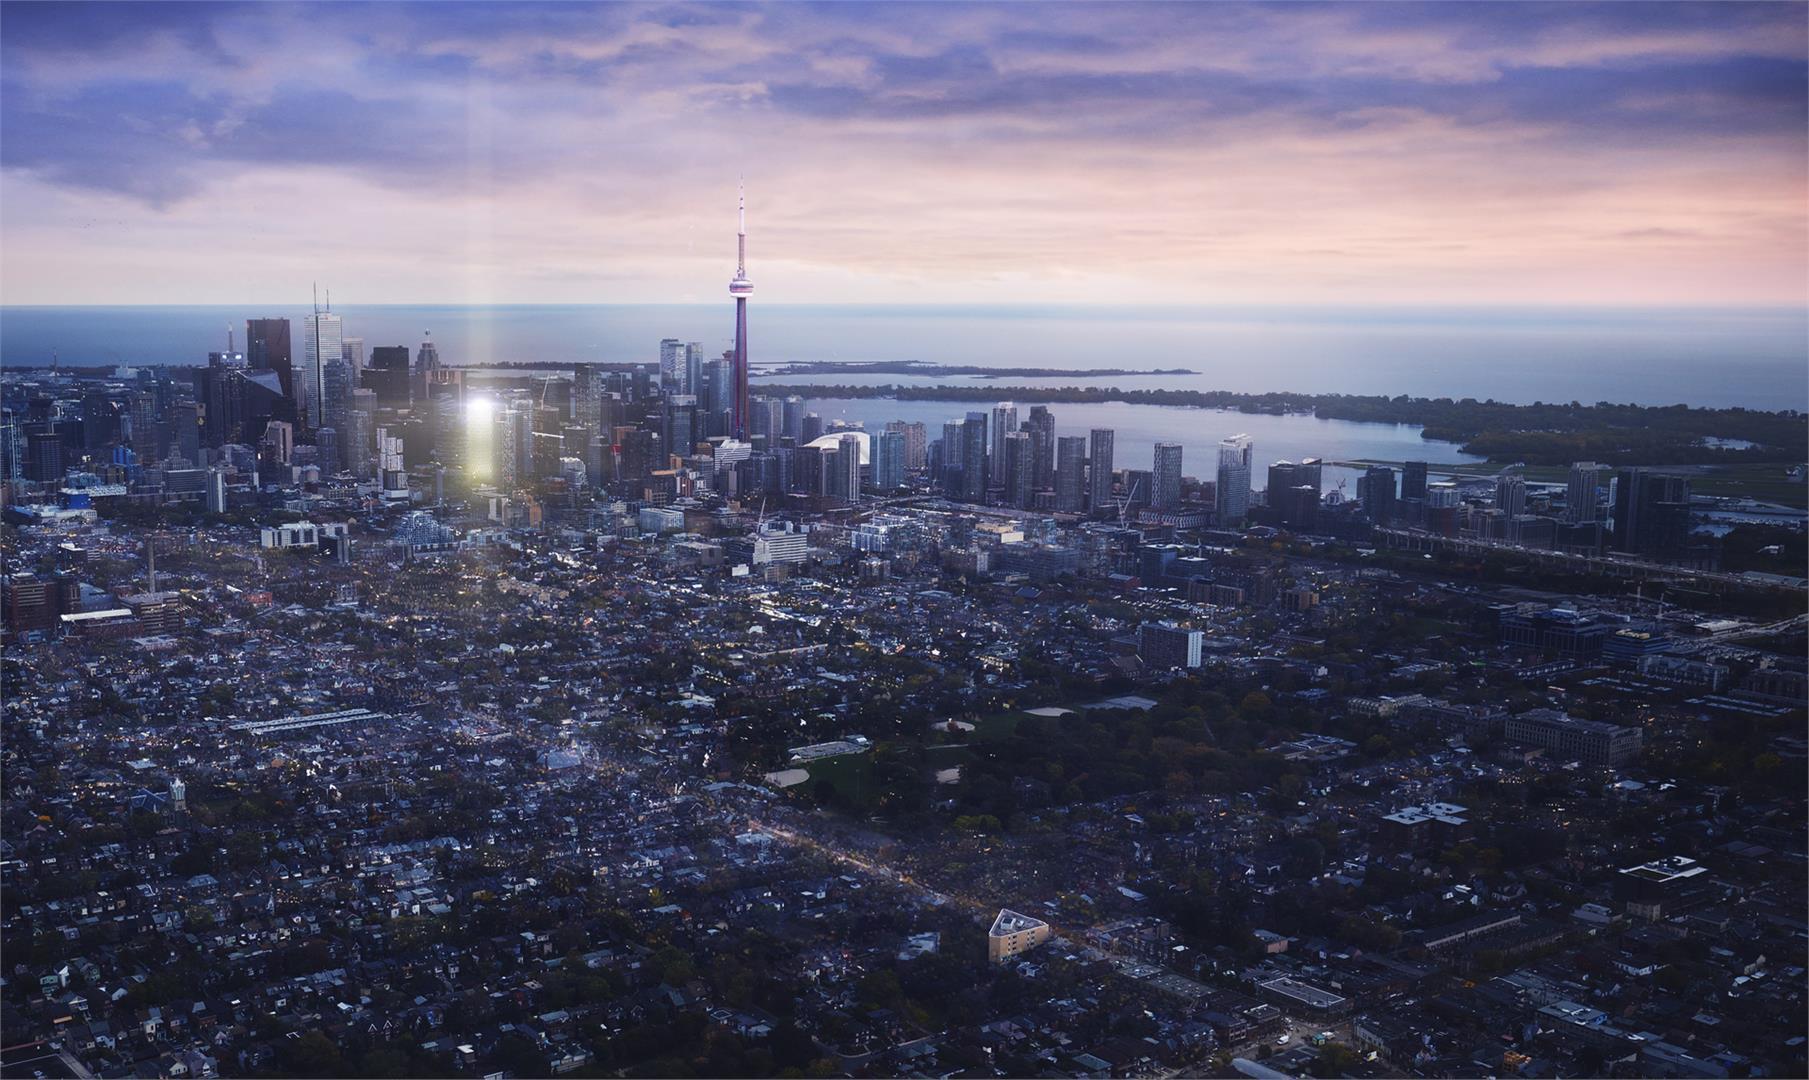 Central Condos Toronto